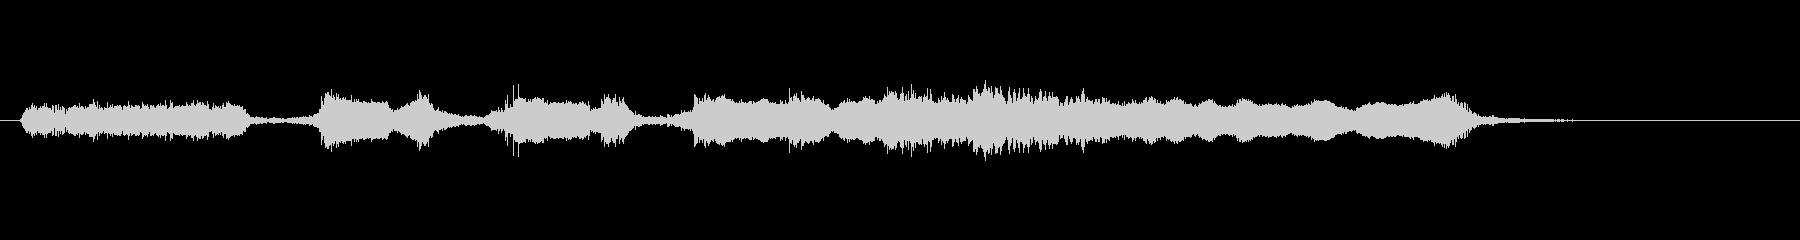 篠笛、太鼓、掛け声の和風ジングル(8秒)の未再生の波形